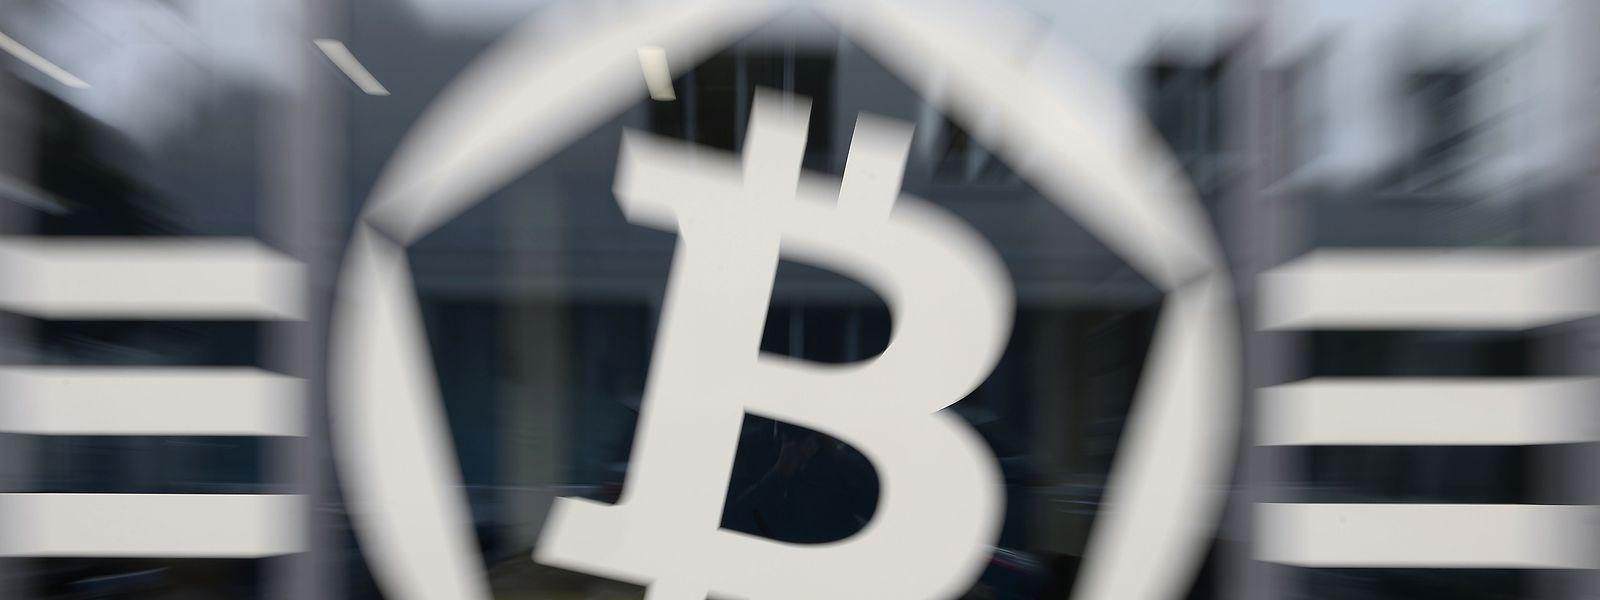 Für die Kryptowährung Bitcoin geht es weiter bergauf.